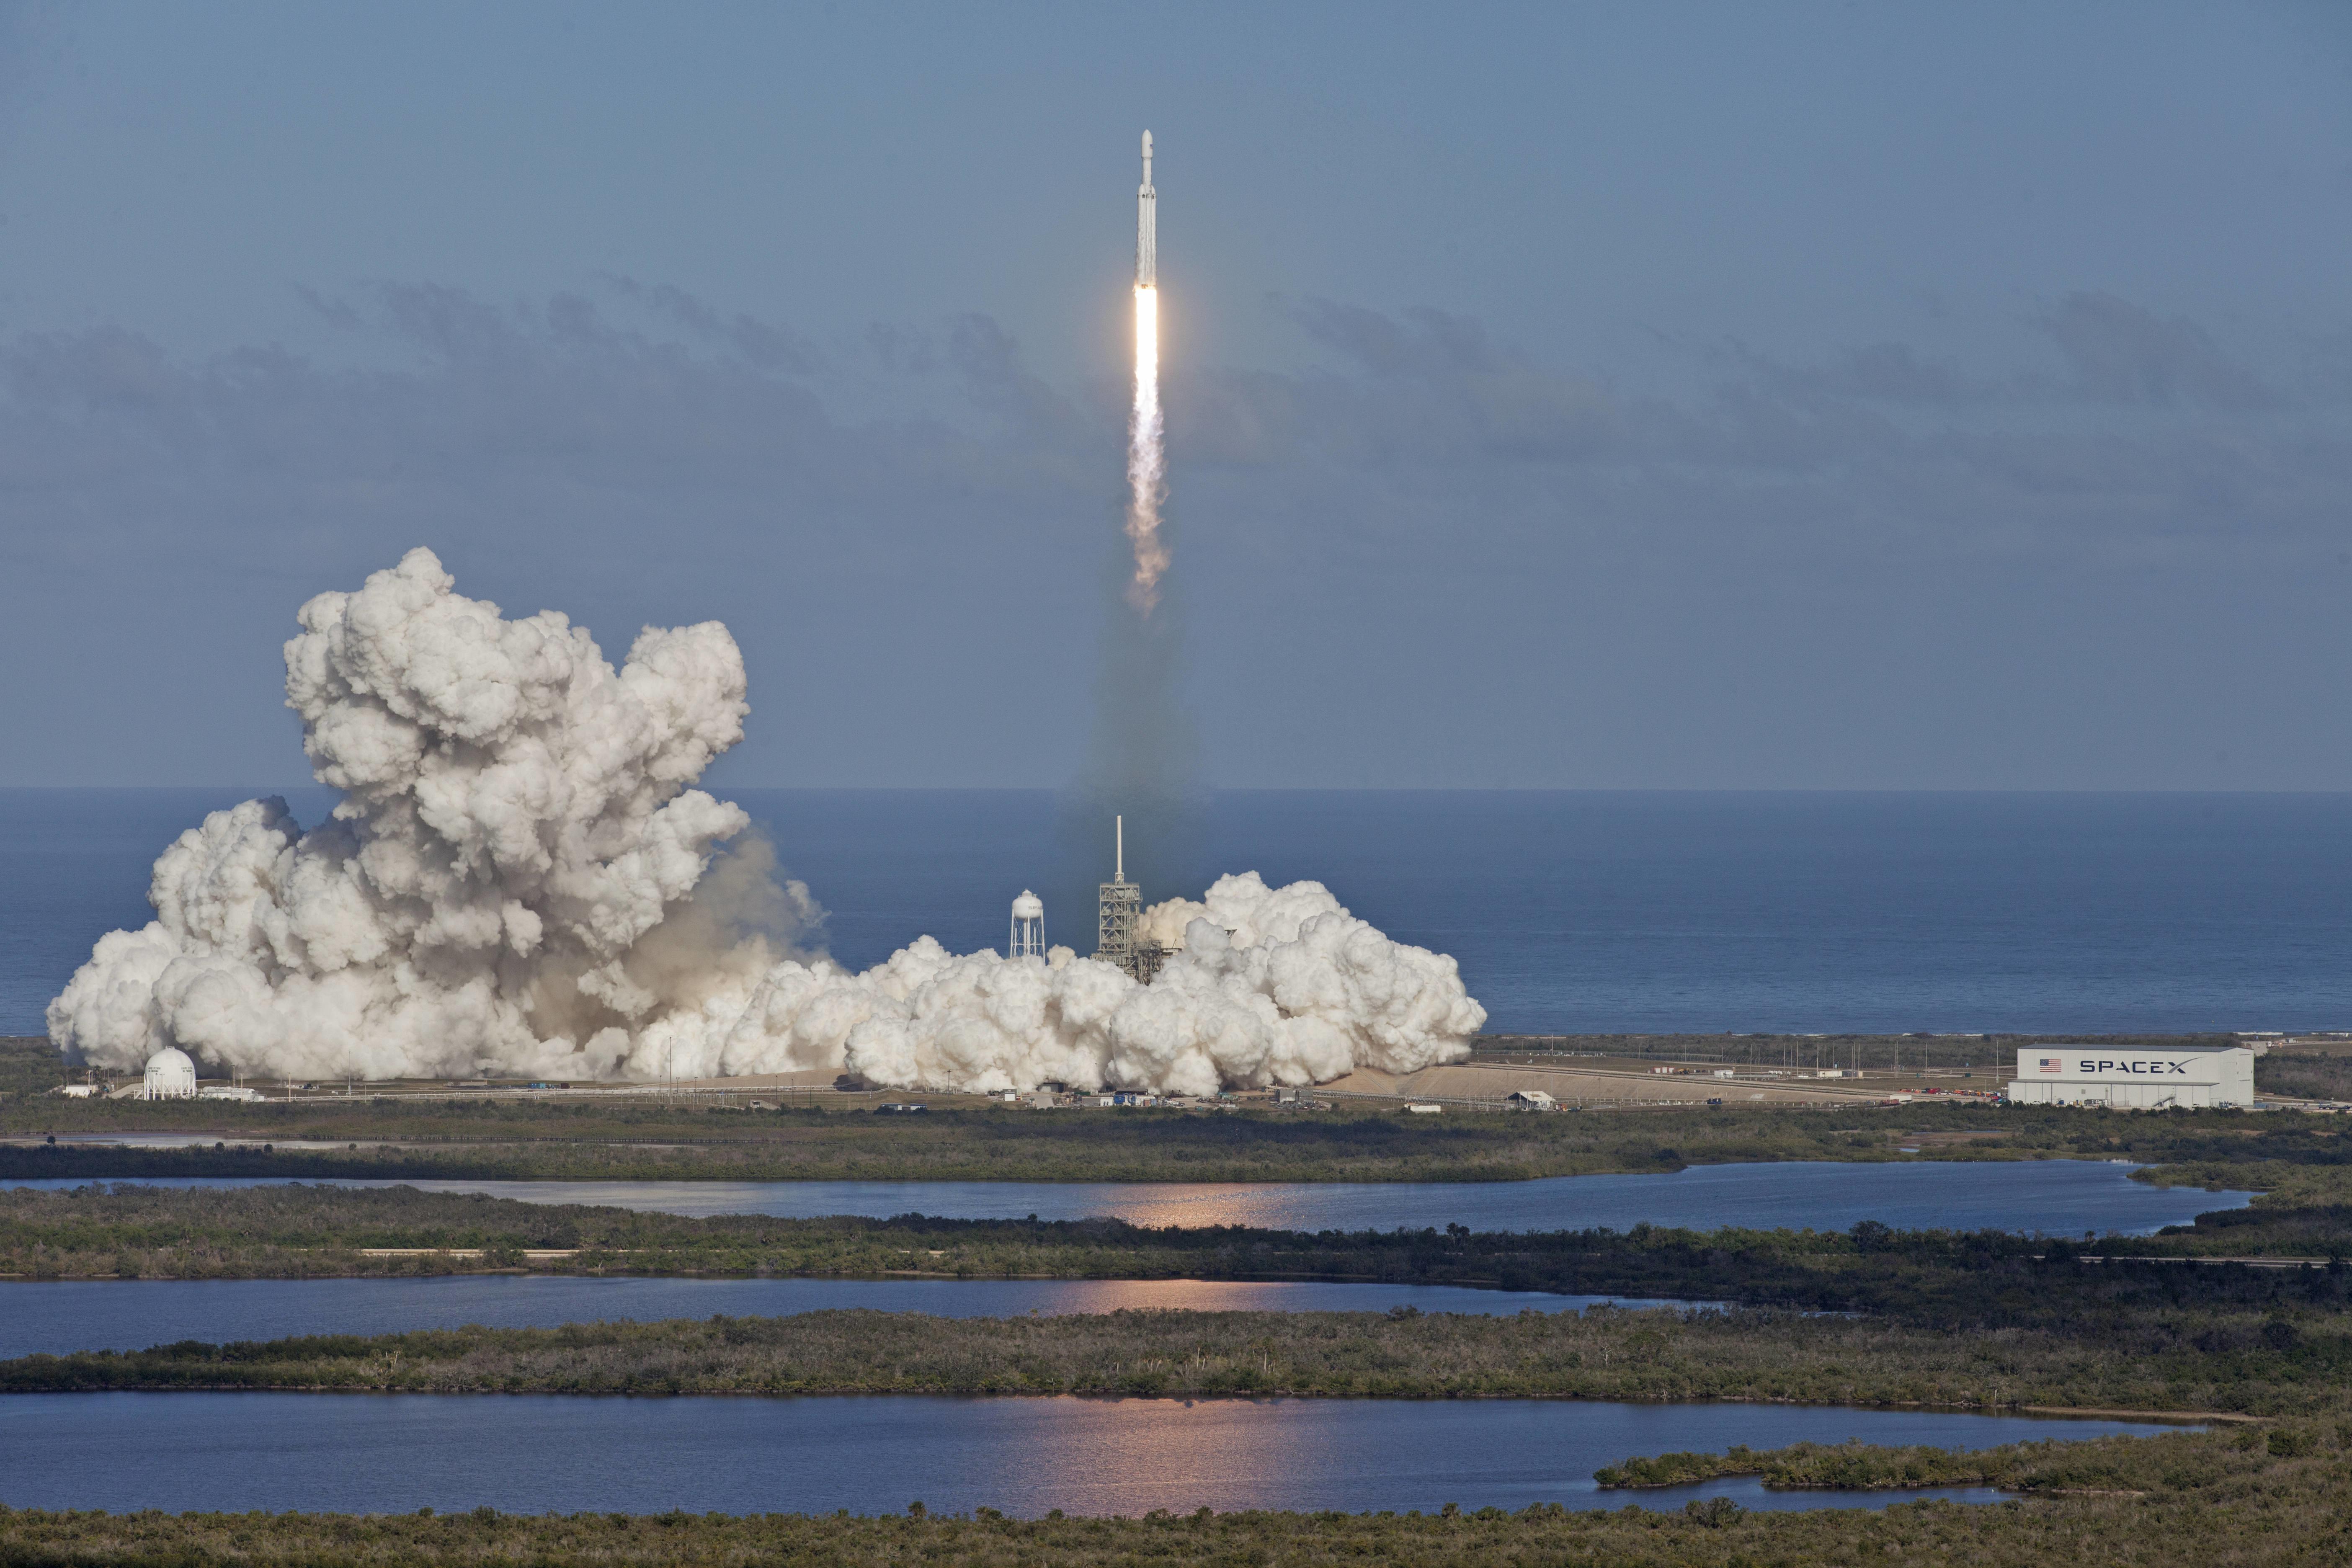 Автомобиль Маска признан спутником— Запуск Falcon Heavy